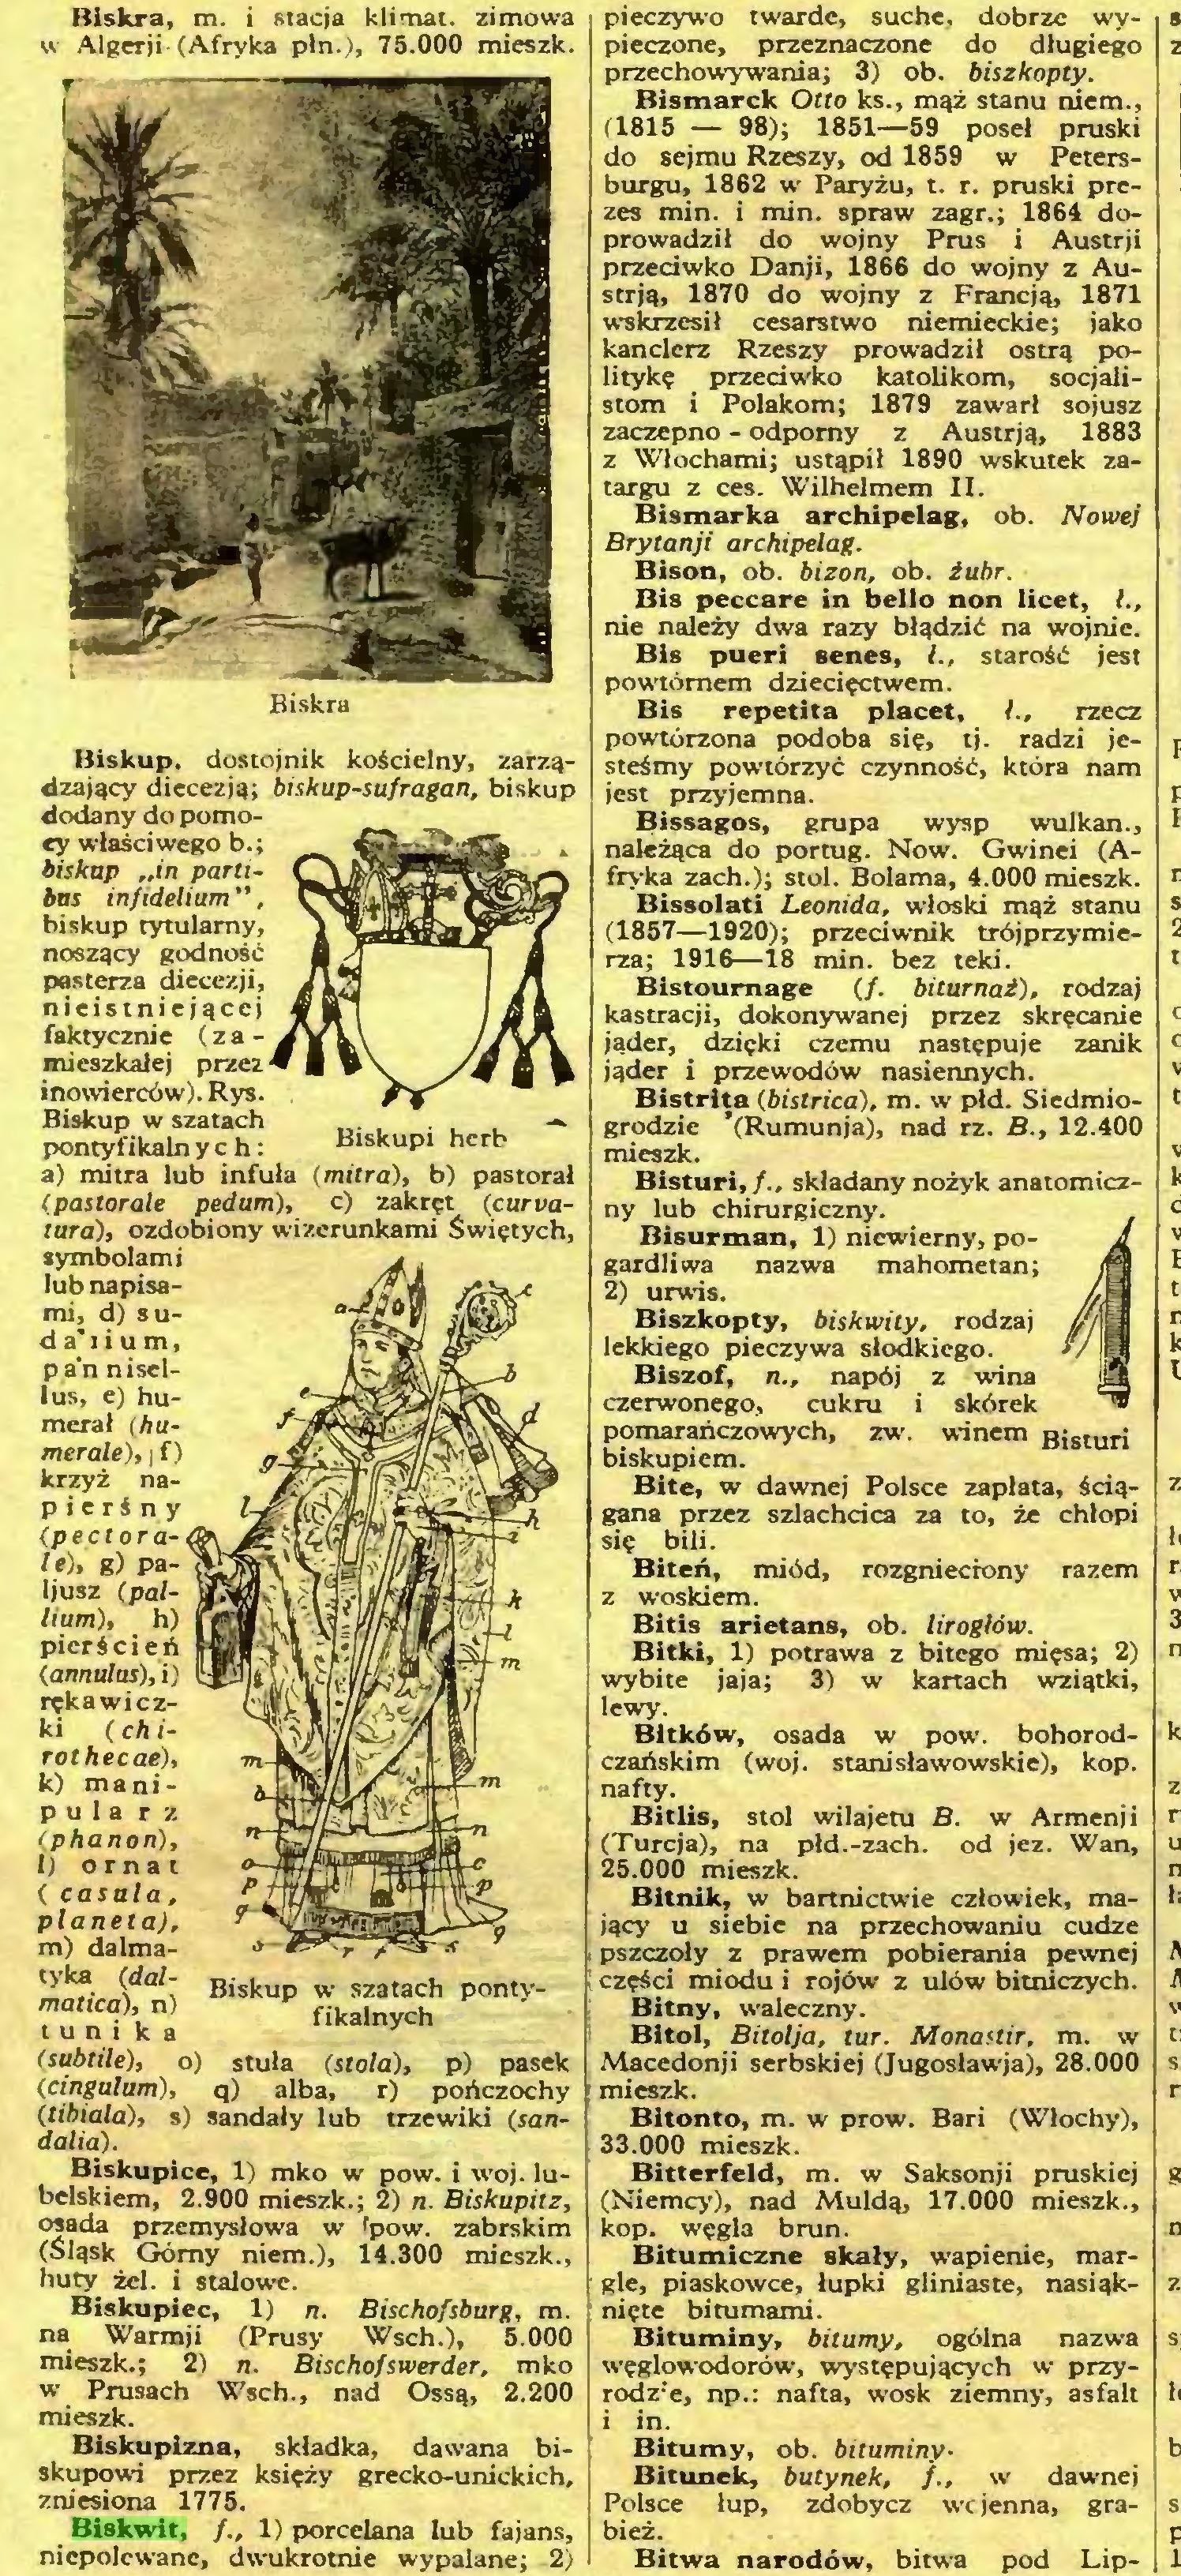 (...) Biskwit, 1) porcelana lub fajans, niepolewane, dwukrotnie wypalane; 2) Biskup w szatach pontyfikalnych pieczywo twarde, suche, dobrze wypieczone, przeznaczone do długiego przechowywania; 3) ob. biszkopty...